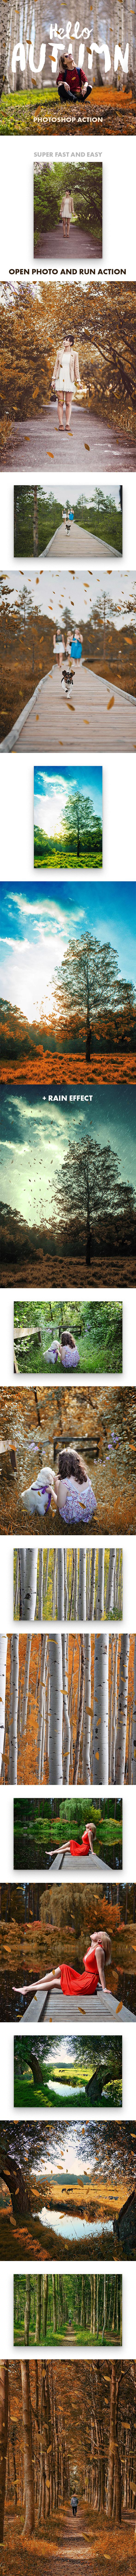 Hello Autumn - Photoshop Action